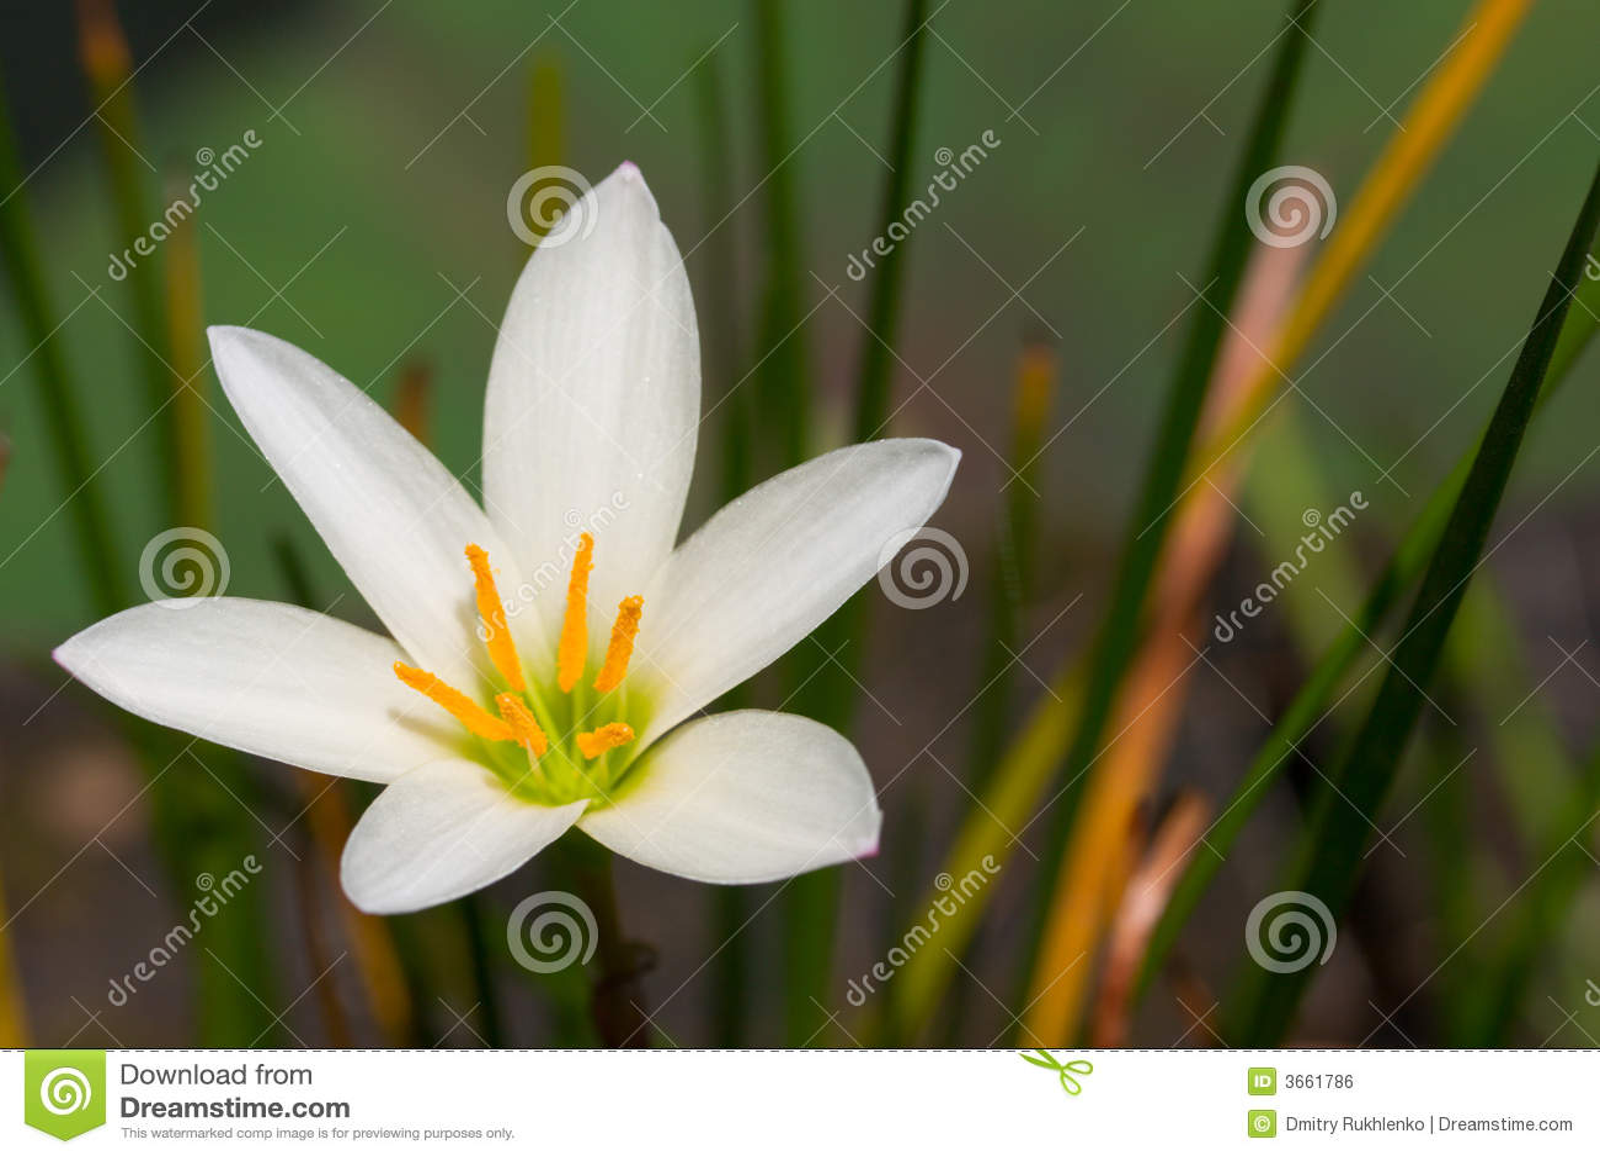 Fin de fleur blanche vers le haut